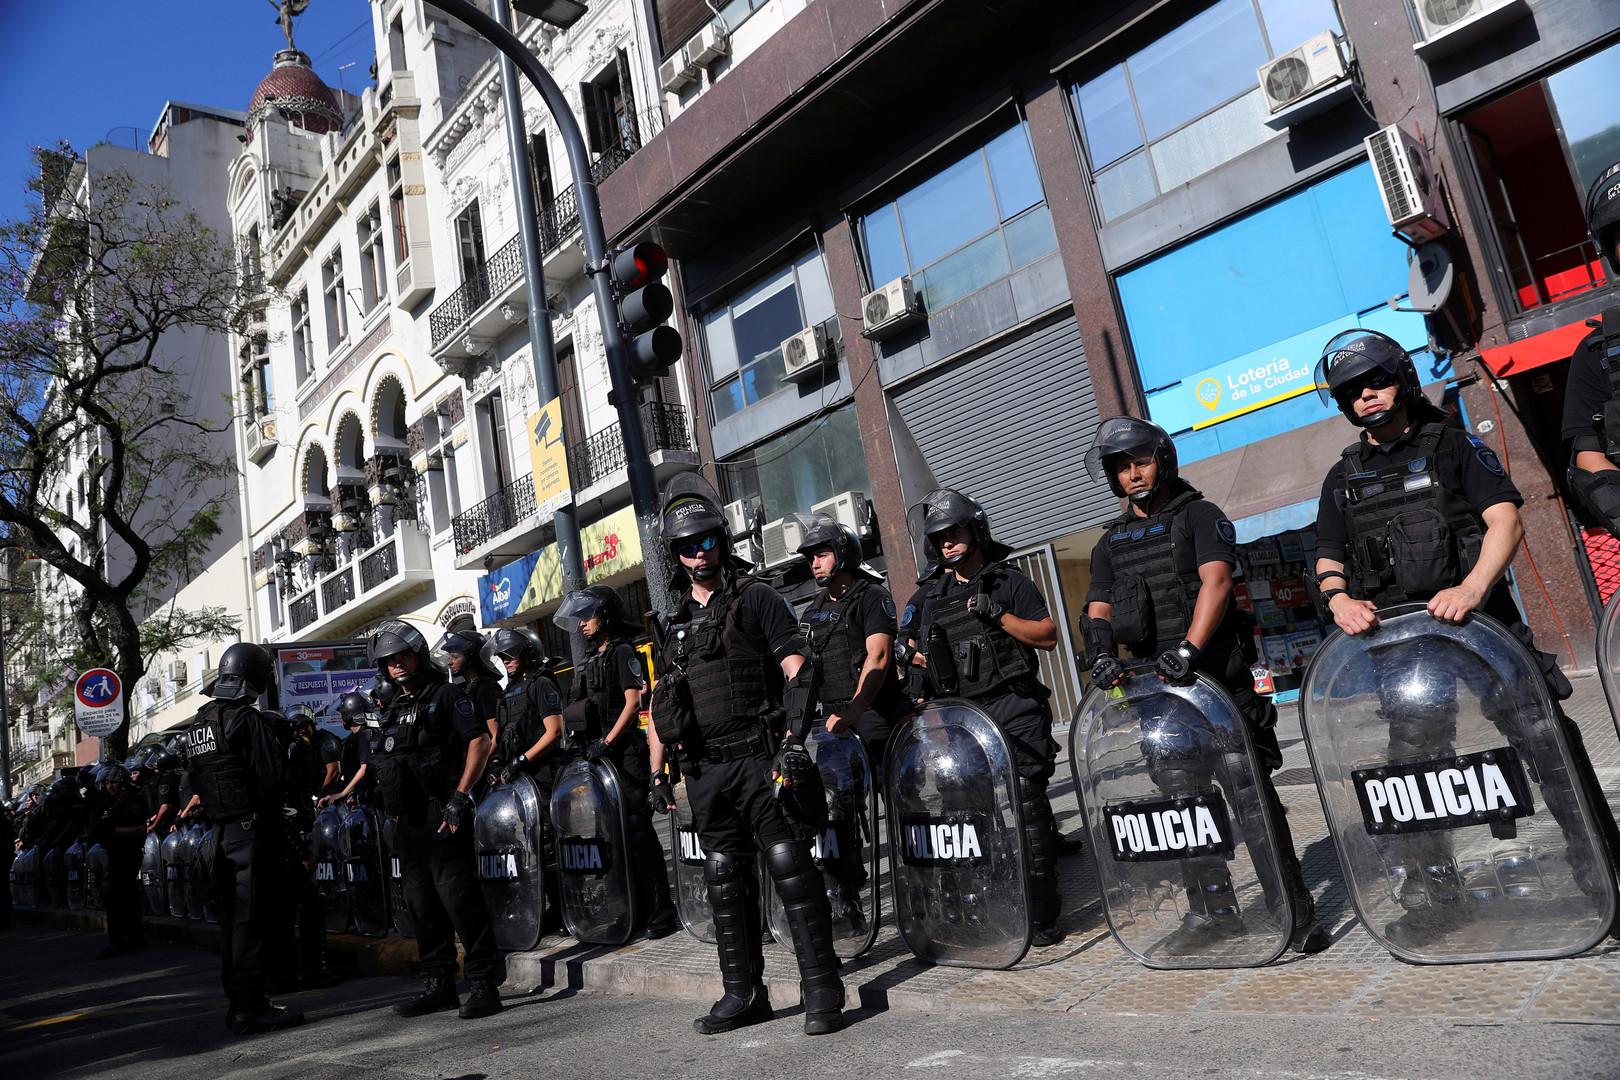 Argentinien: Gegner des G20-Gipfels machen mobil